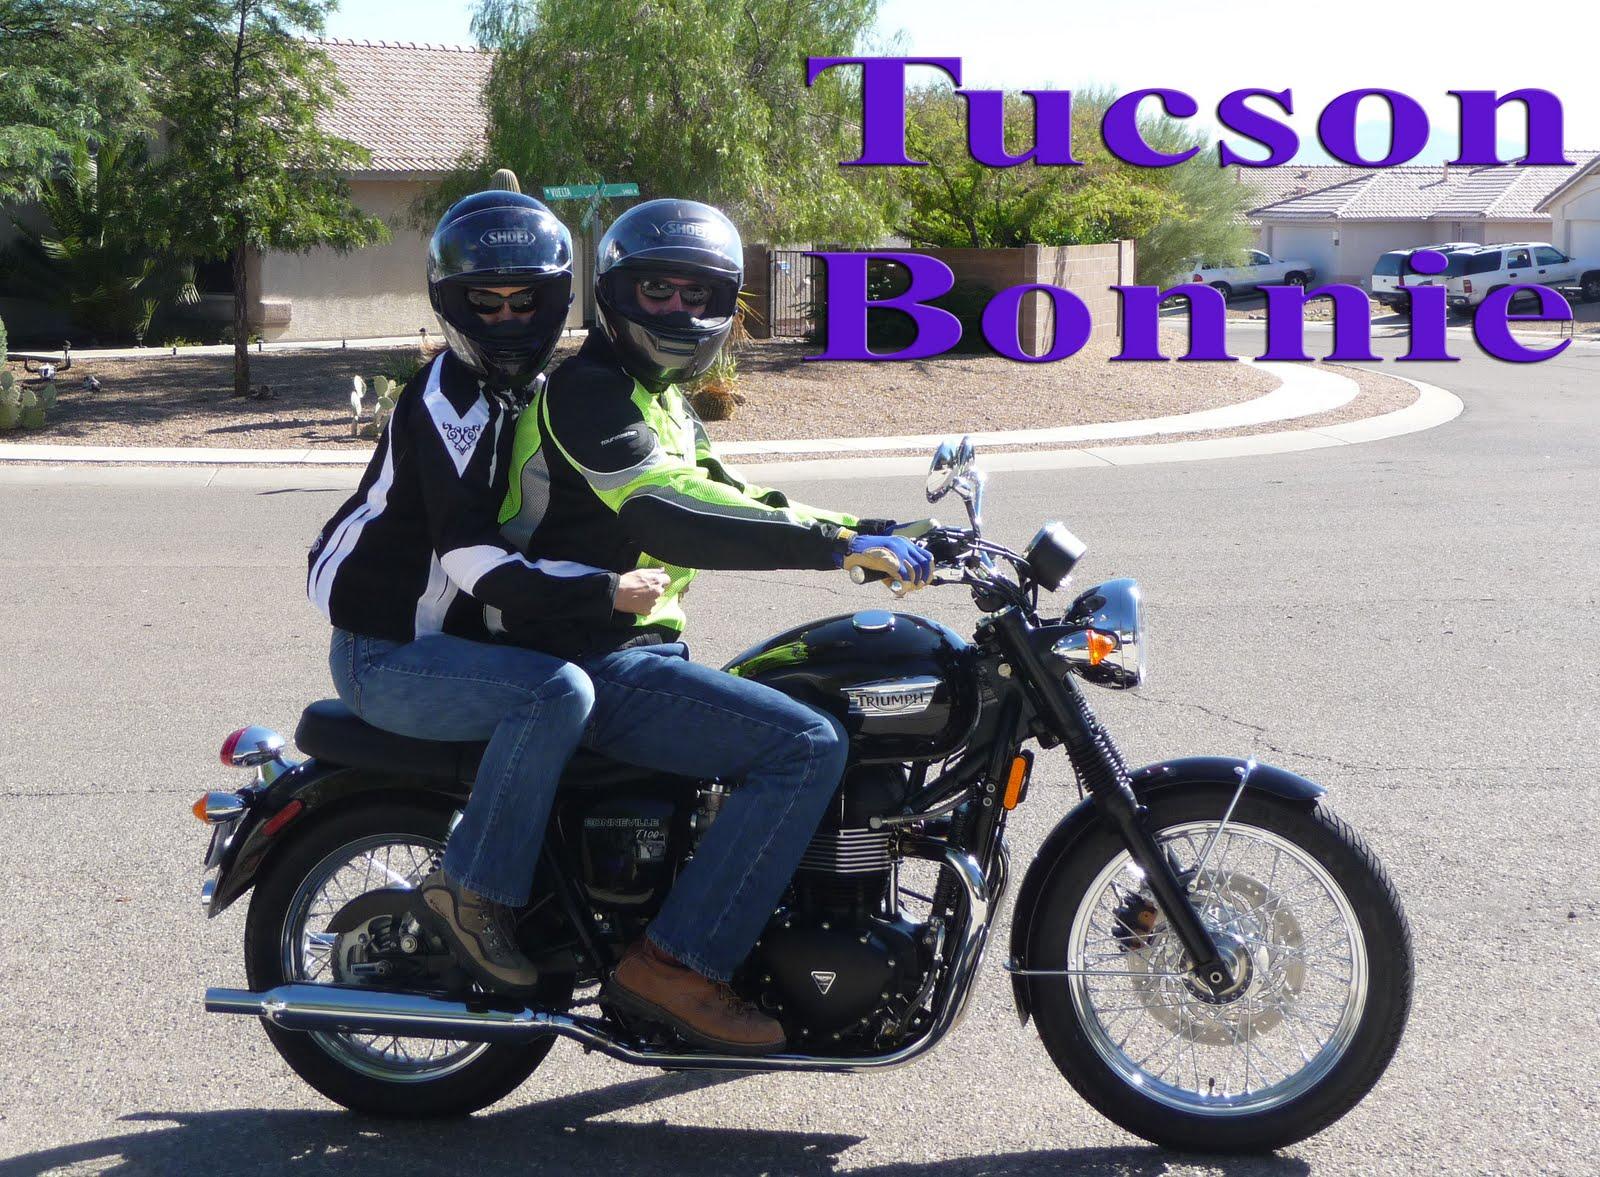 Tucson Bonnie